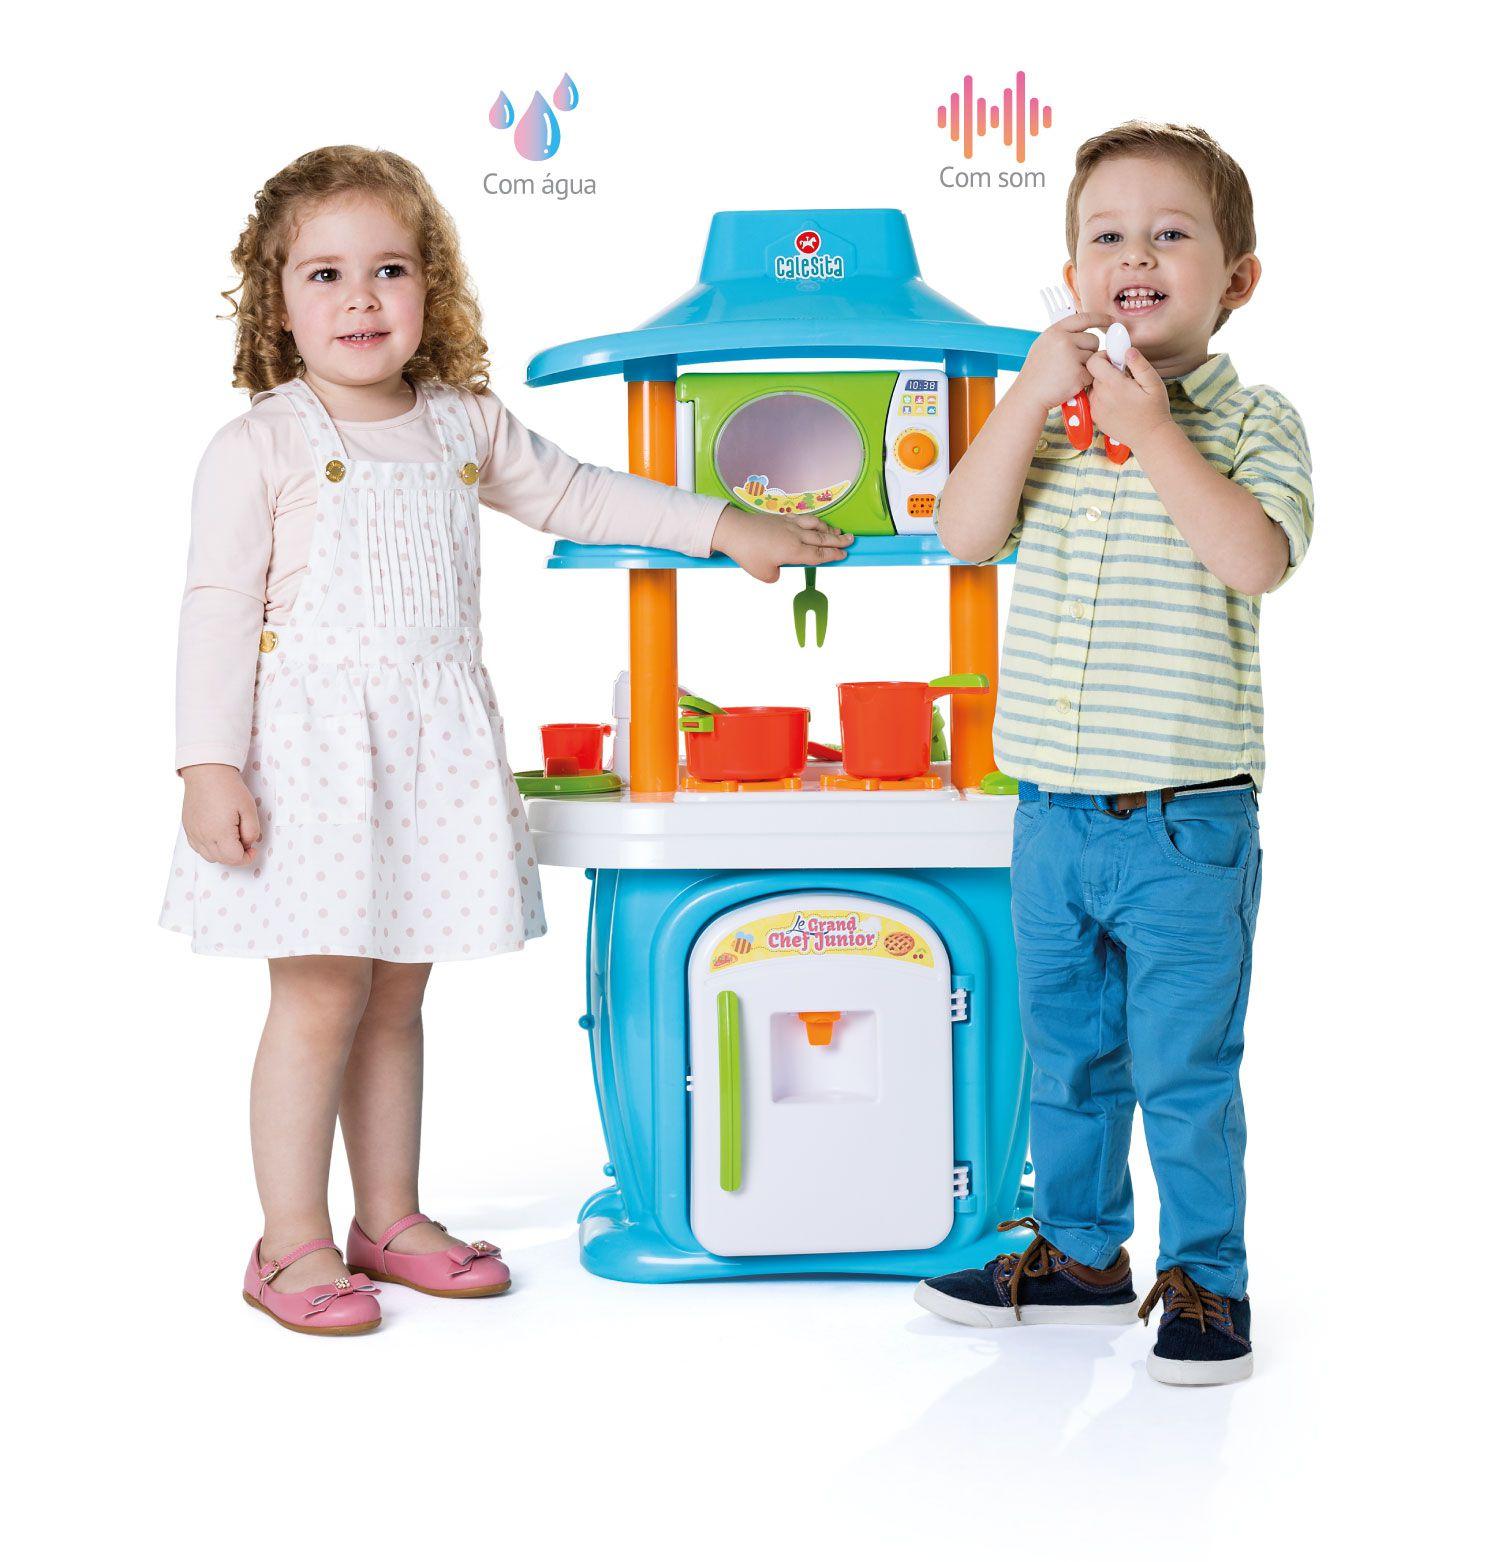 730f47f512 Mami Brinquedos - Promoção - Cozinha Infantil Le Grand Chef Júnior